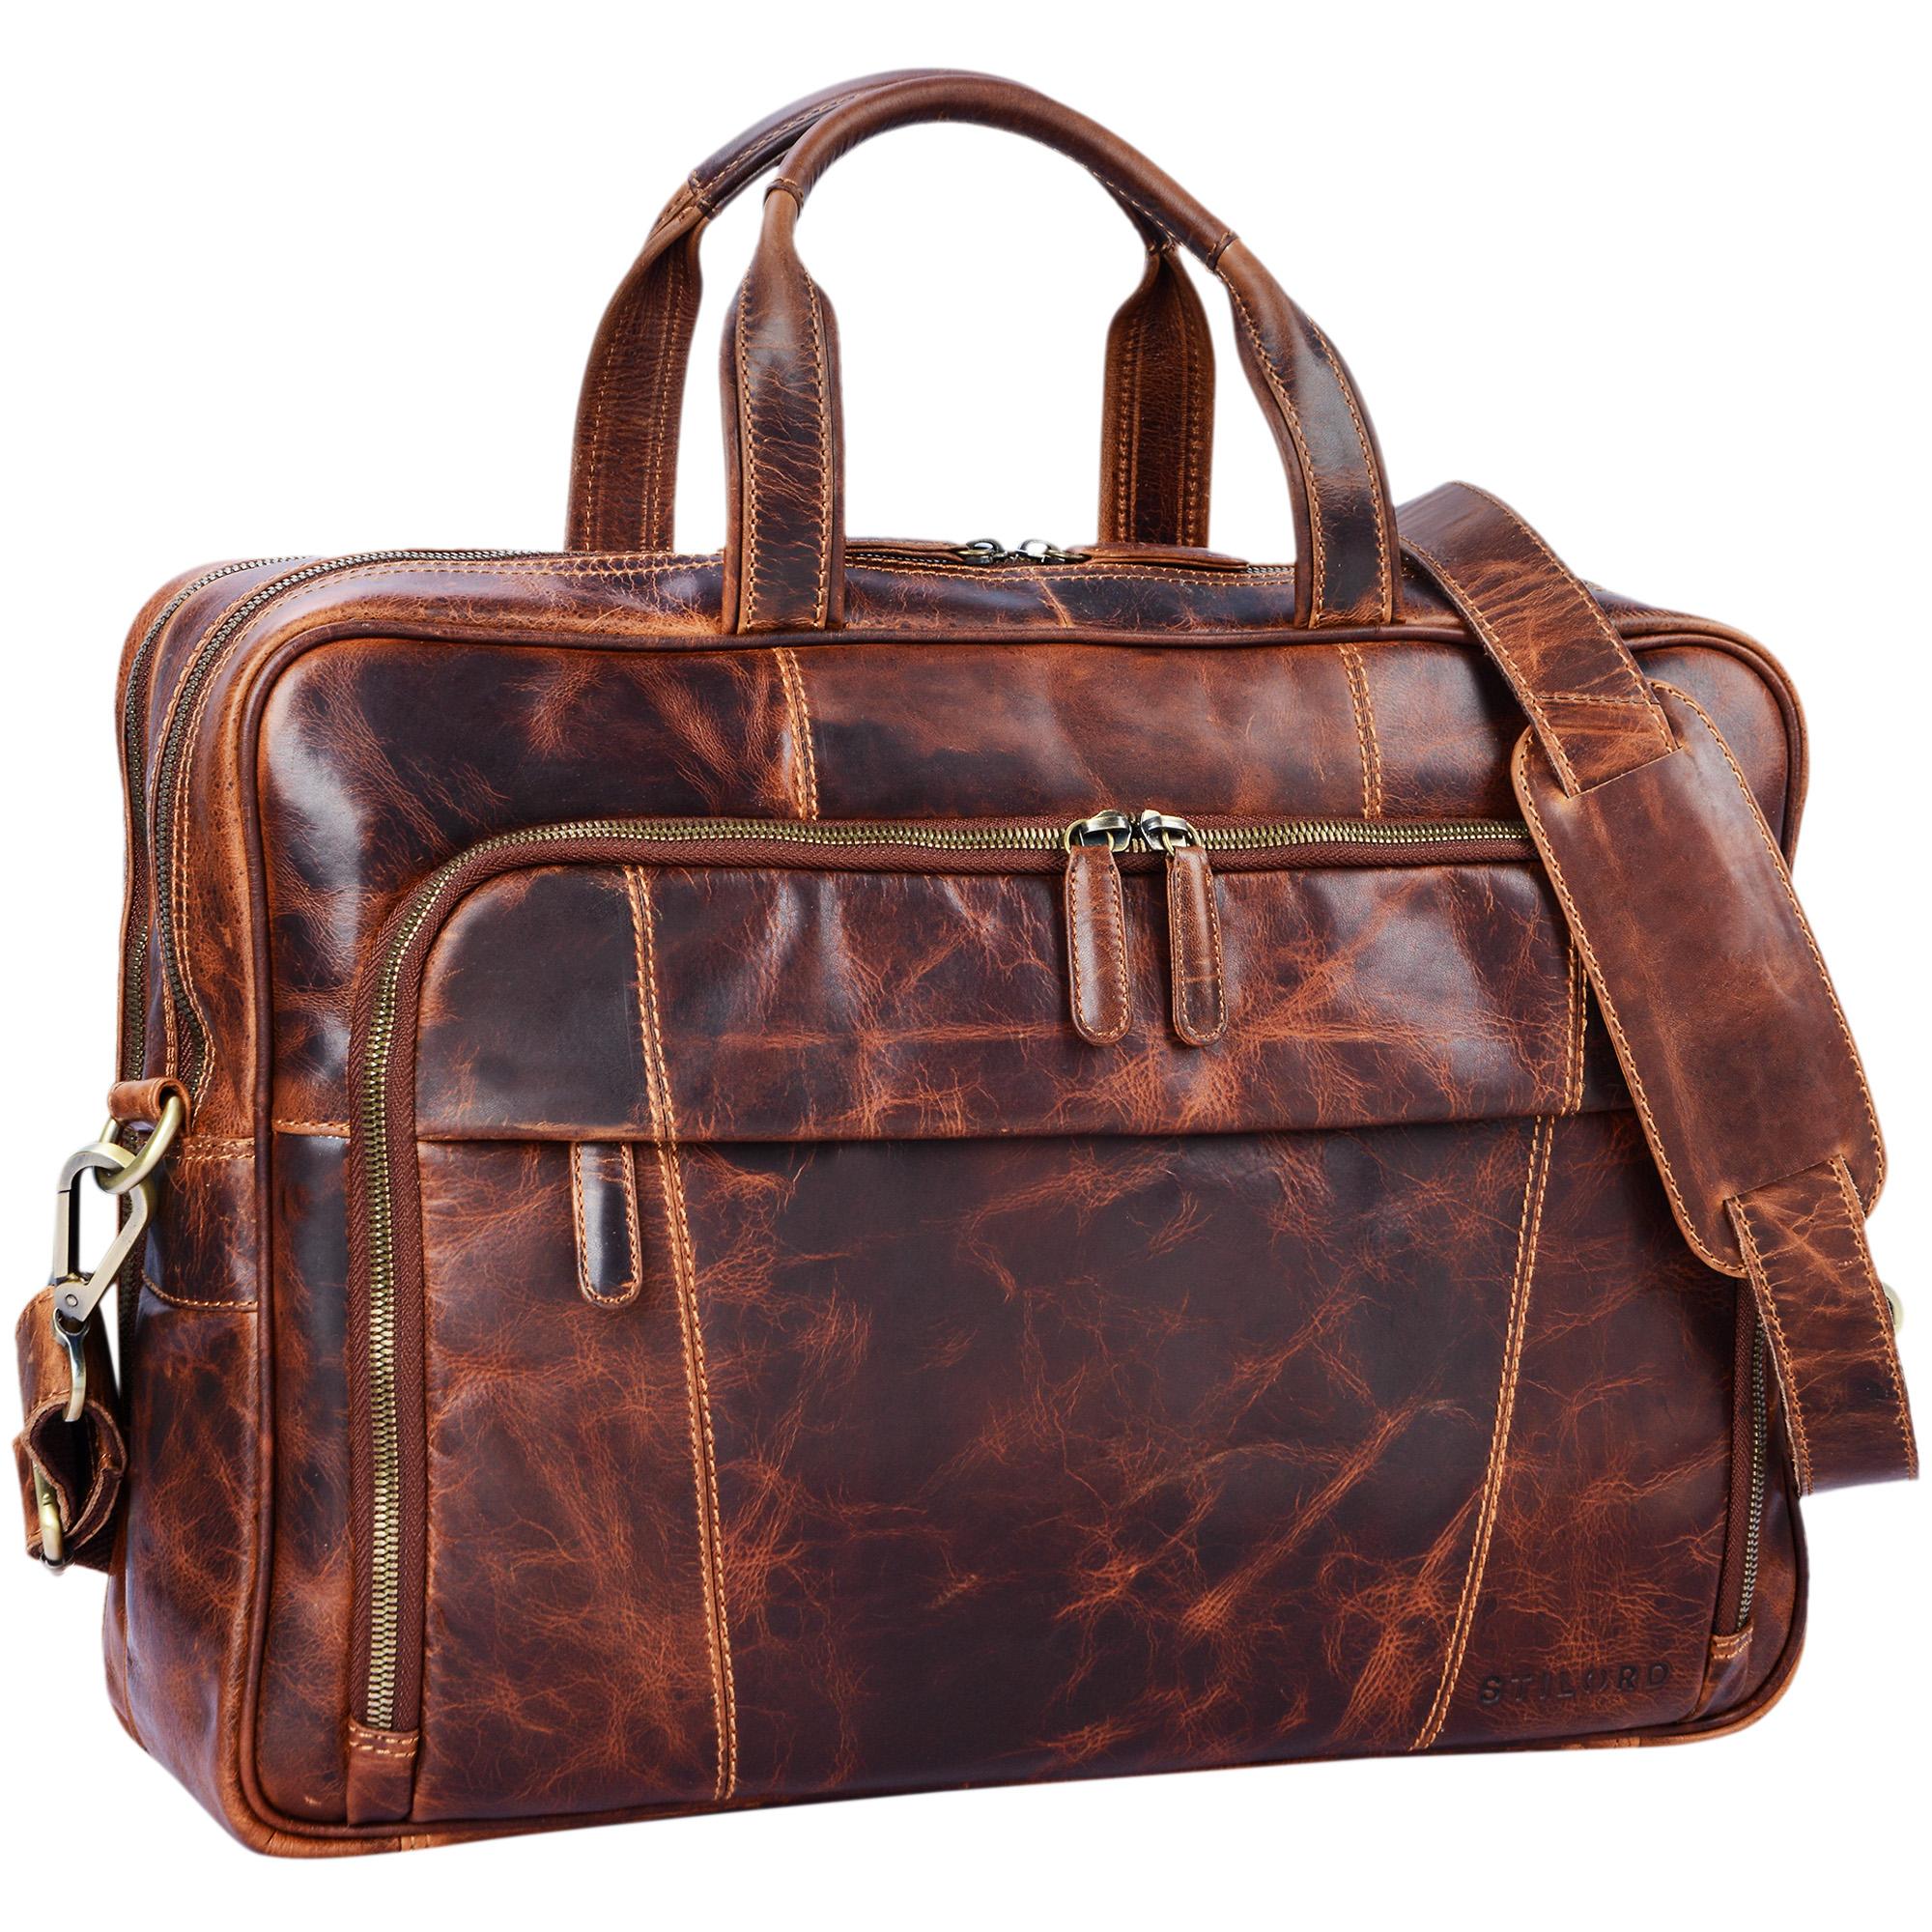 """STILORD """"Jaron"""" Vintage Ledertasche Leder Herren Damen 15,6 Zoll Laptoptasche Umhängetasche groß Aktentasche Arbeit Büro Uni echtes Rindsleder - Bild 9"""